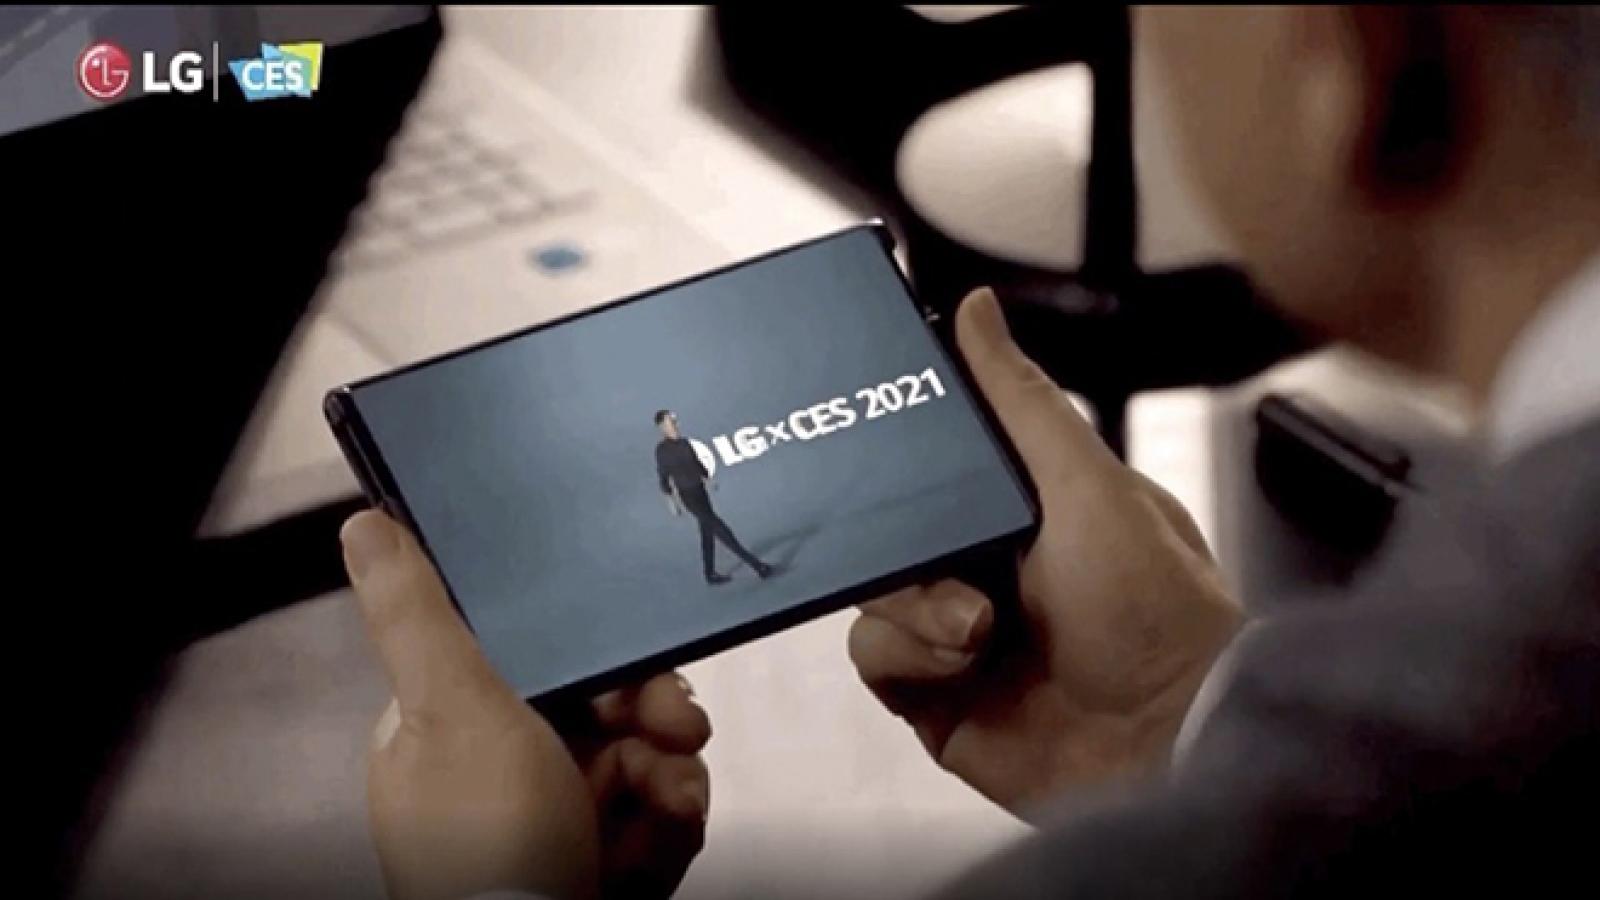 Nhân viên LG được ưu ái mua điện thoại cao cấp độc với giá siêu rẻ